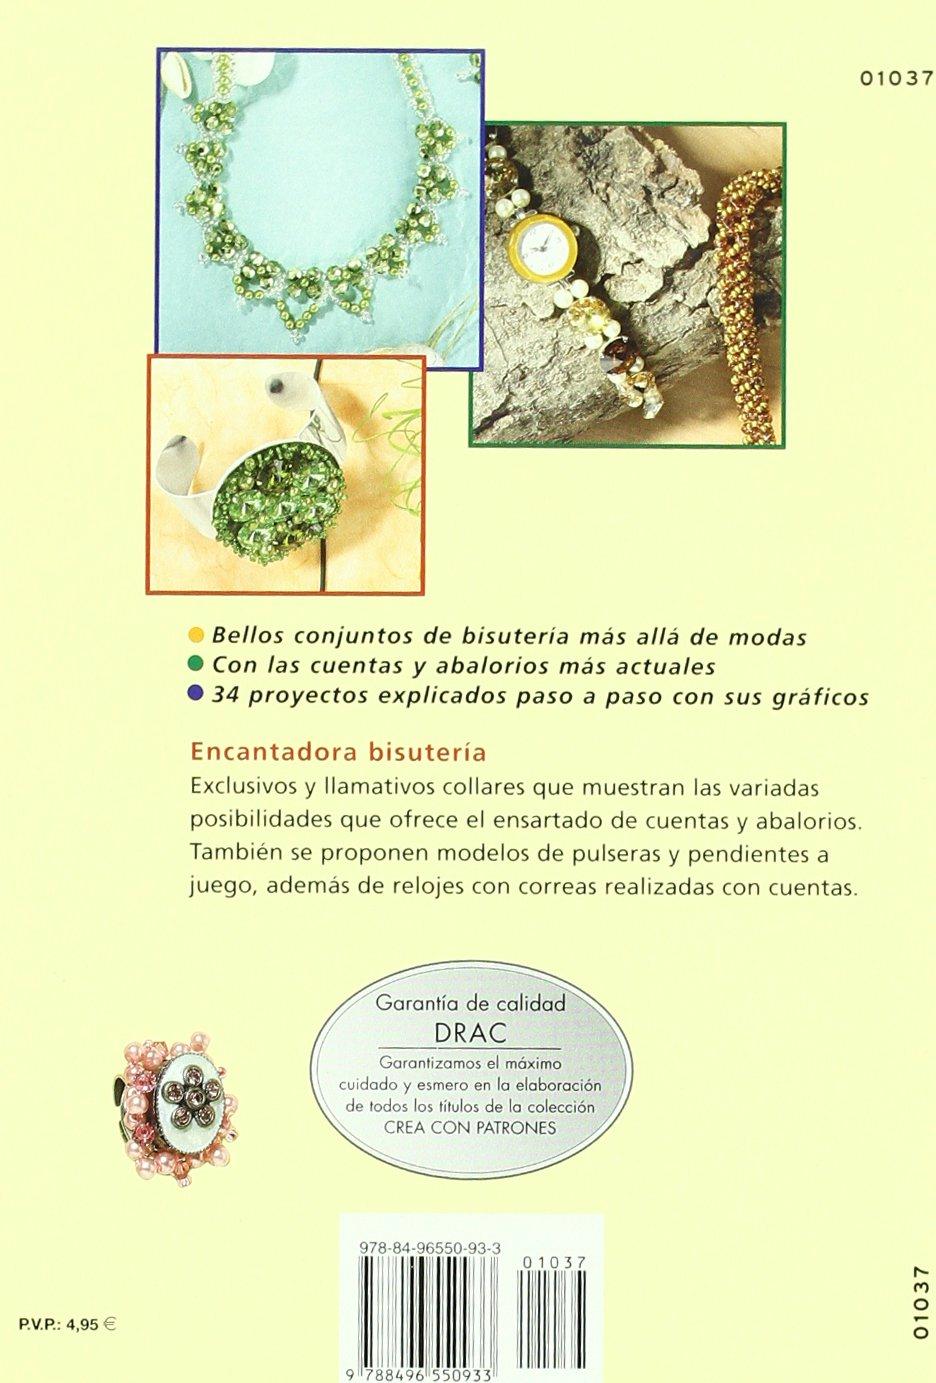 Fascinante Bisuteria Con Cuentas Y Abalorios: Unknown: 9788496550933: Amazon.com: Books